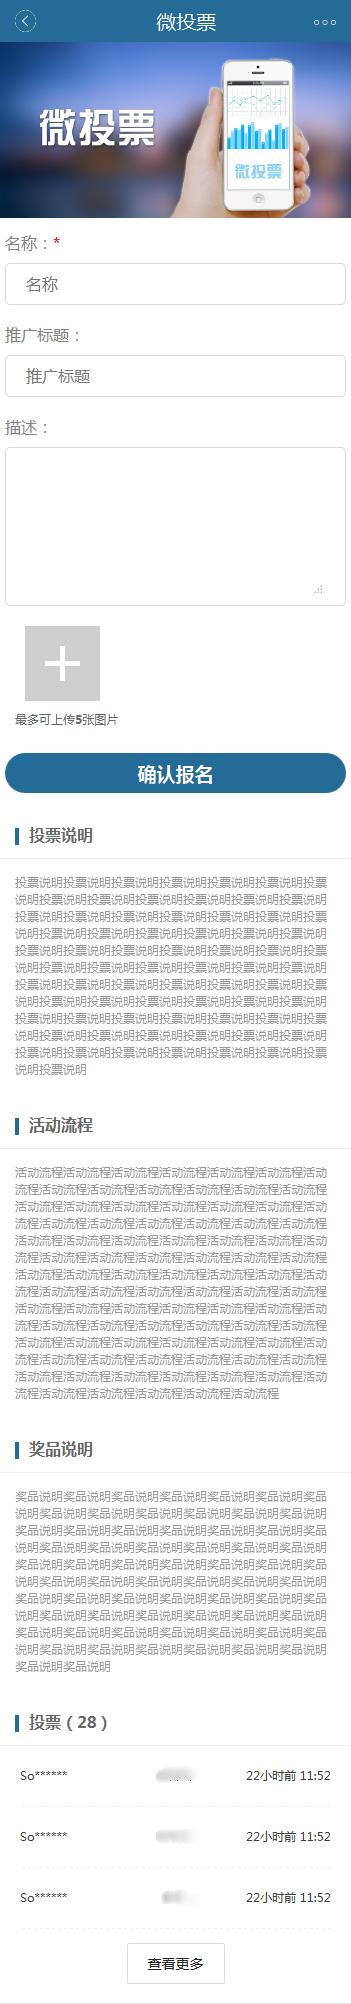 说明: C:\Users\Administrator\AppData\Roaming\Tencent\QQ\Temp\6A3FEA3CA52A4B349FE2FE0888140BB4.png